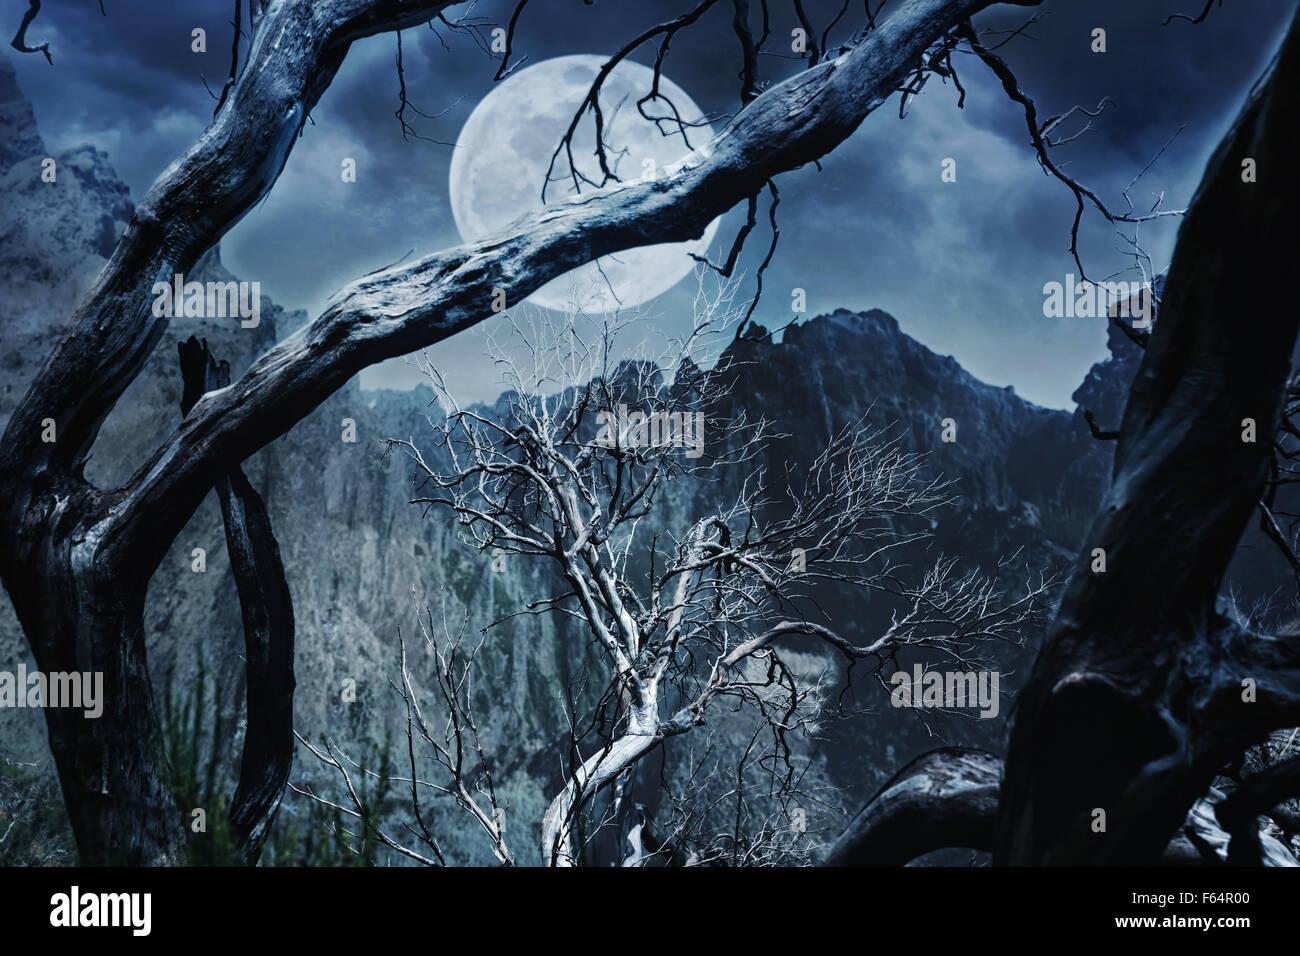 Schrecklichen Wald in der Nacht in den Bergen Stockbild